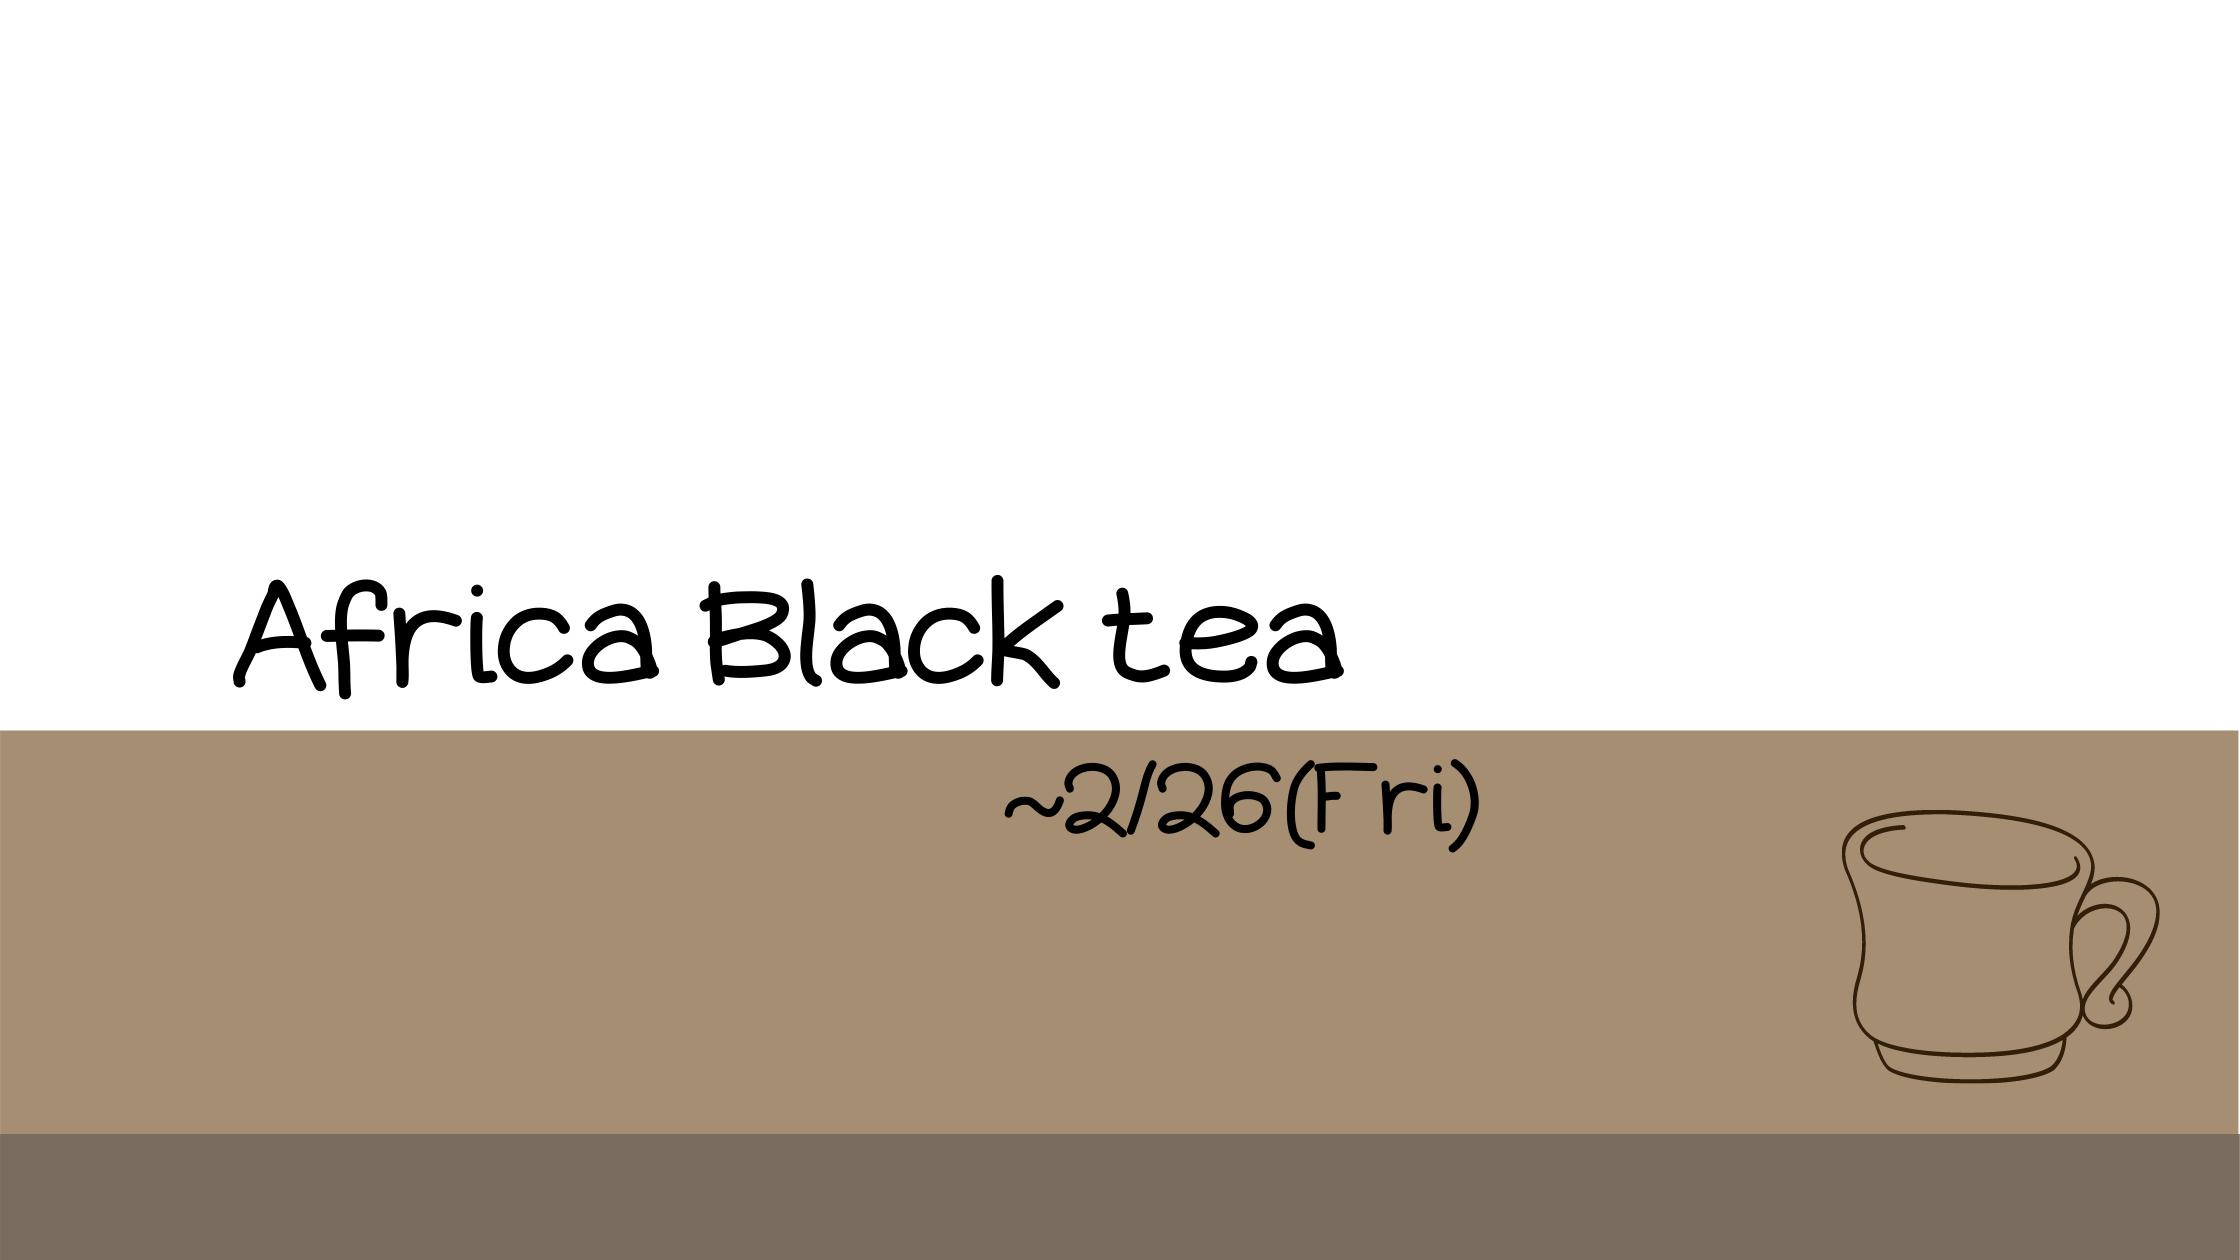 アフリカ紅茶販売会